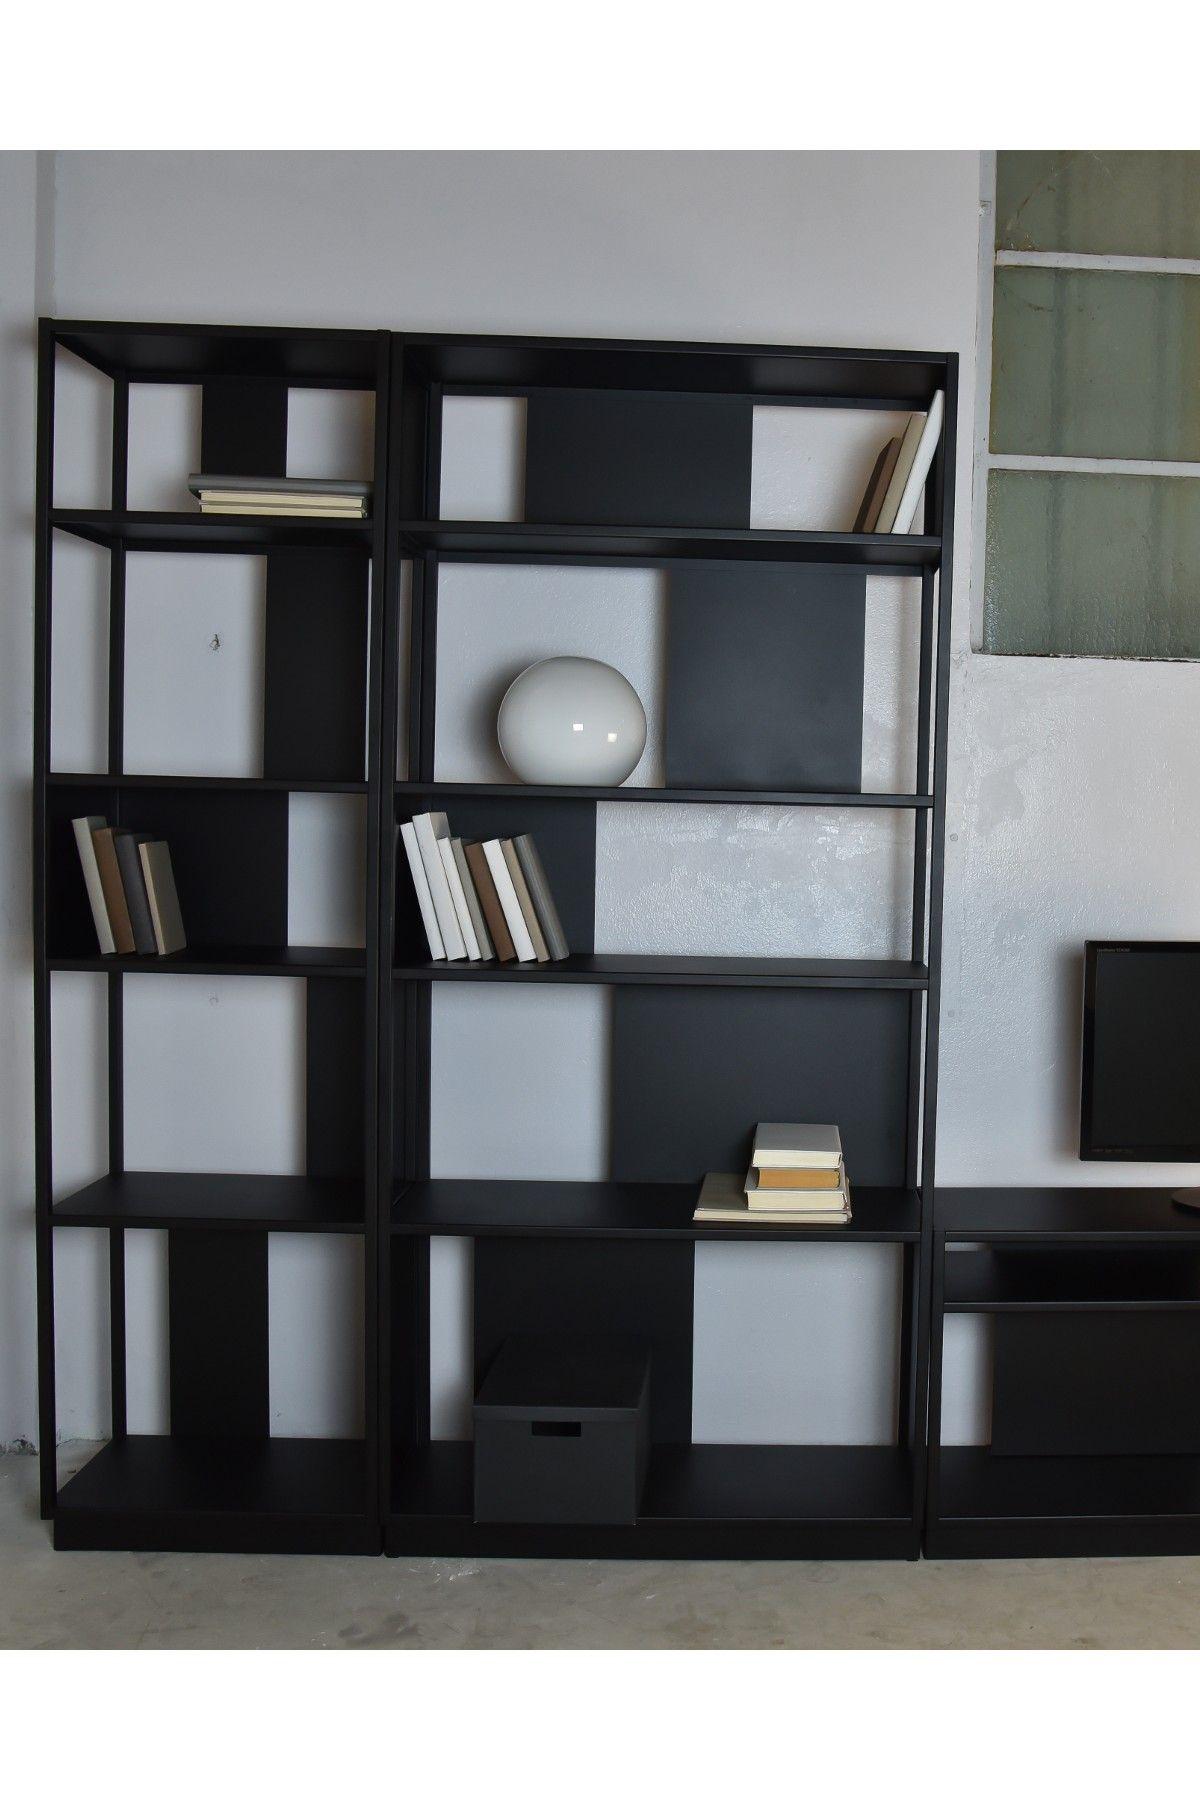 Bibliothèque Colonne étagère Métal Design Noir Arlequin Meubles